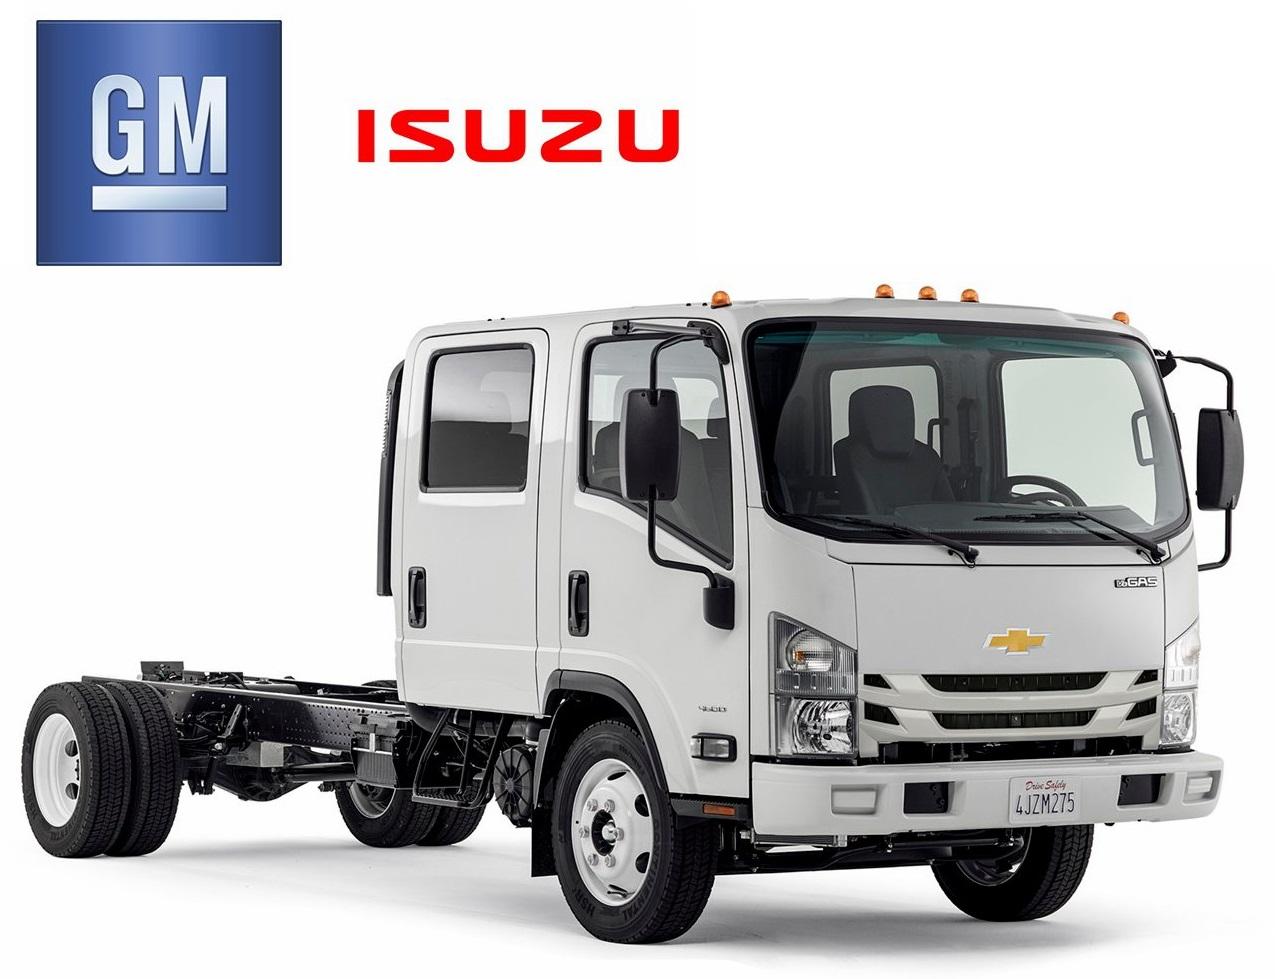 ISUZU_GM